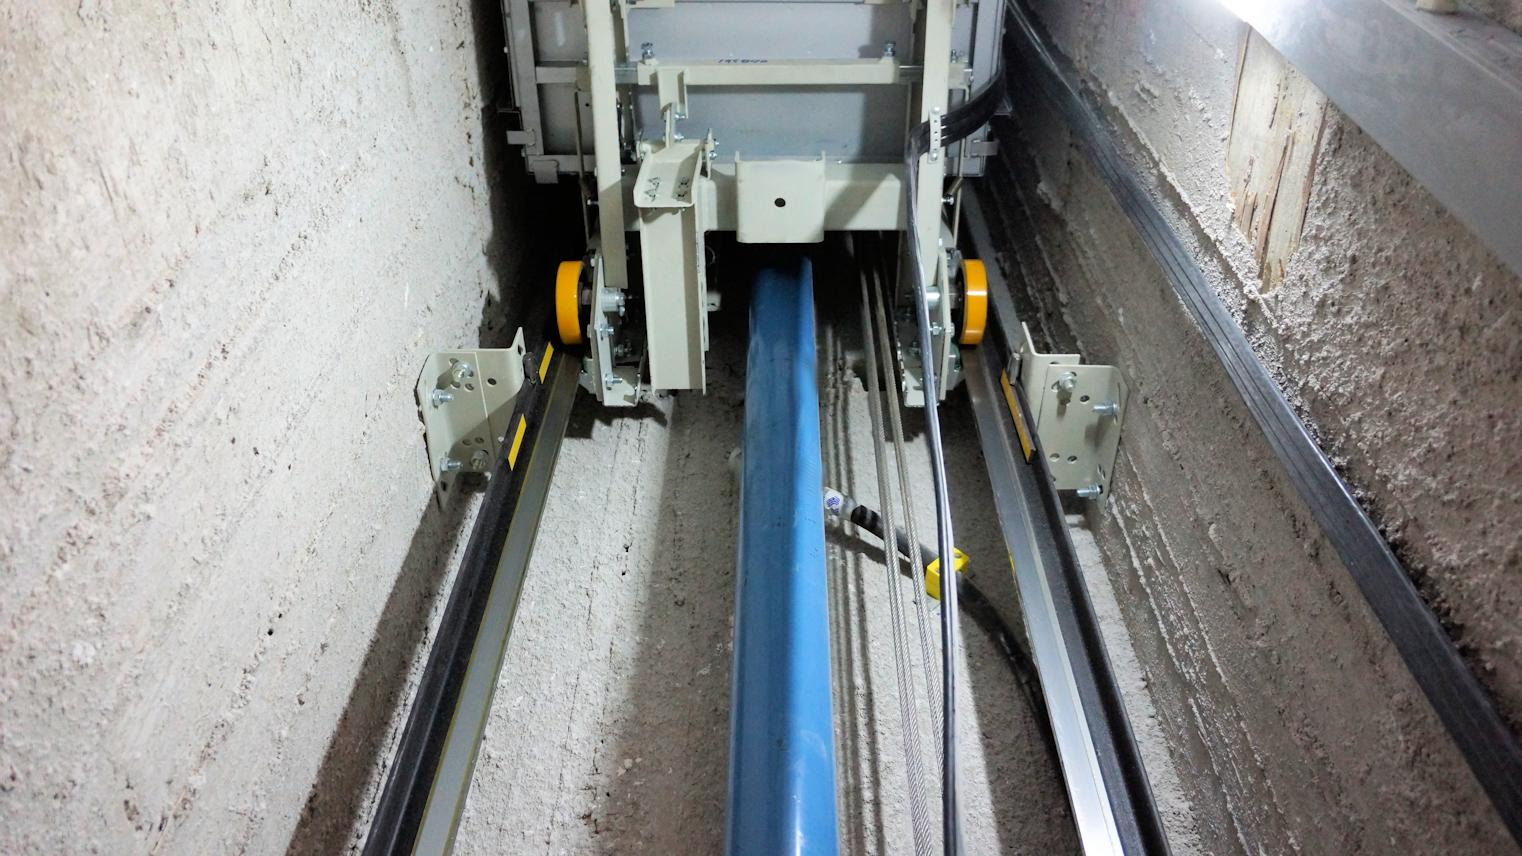 ανελκυστηρες ασανσερ kleemann hellas υδραυλικος ανελκυστηρας (4)